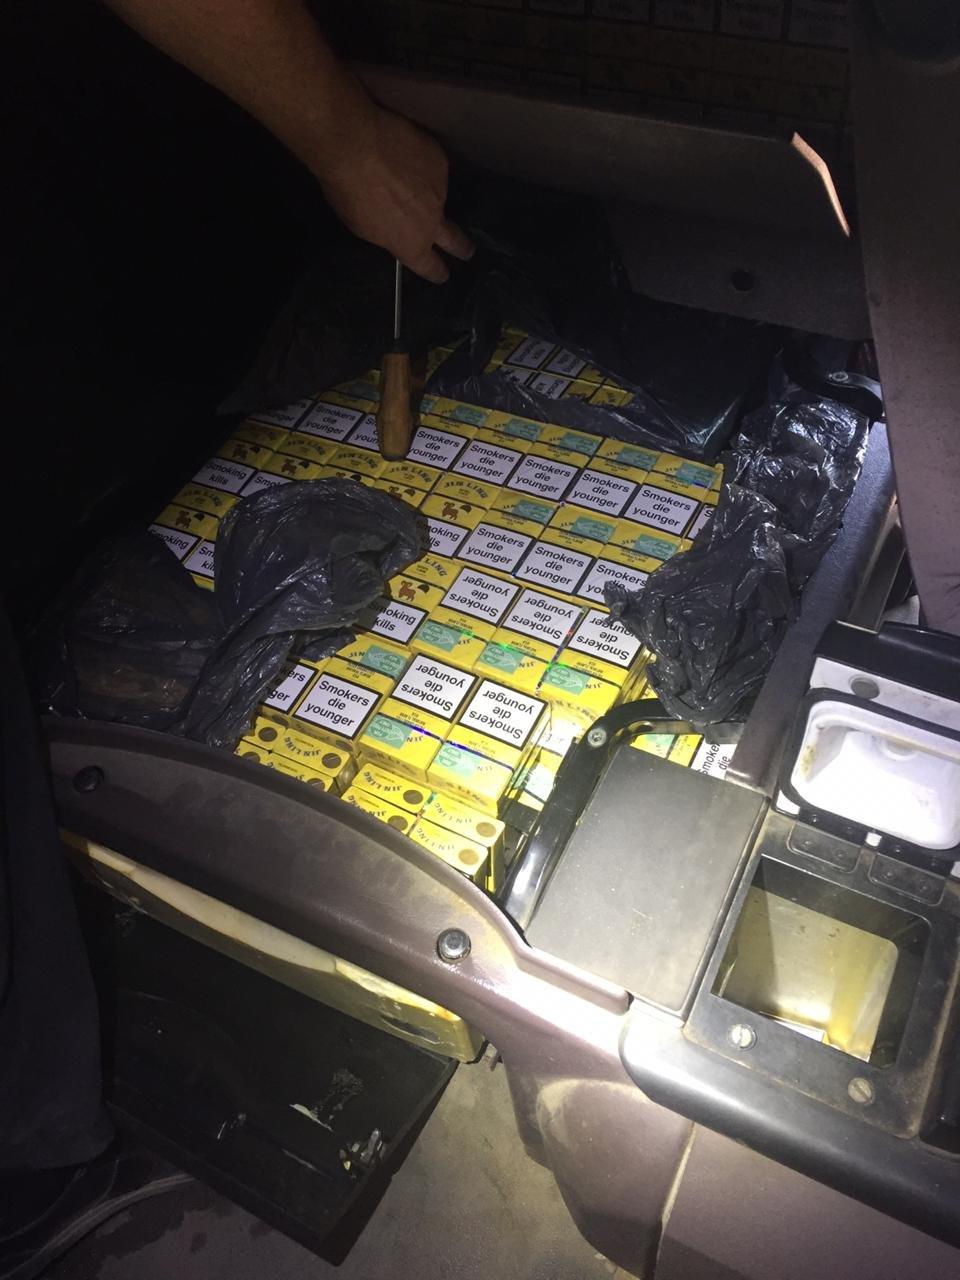 Українець у тягачі через Закарпаття віз контрабандні цигарки до Румунії (ФОТО), фото-1